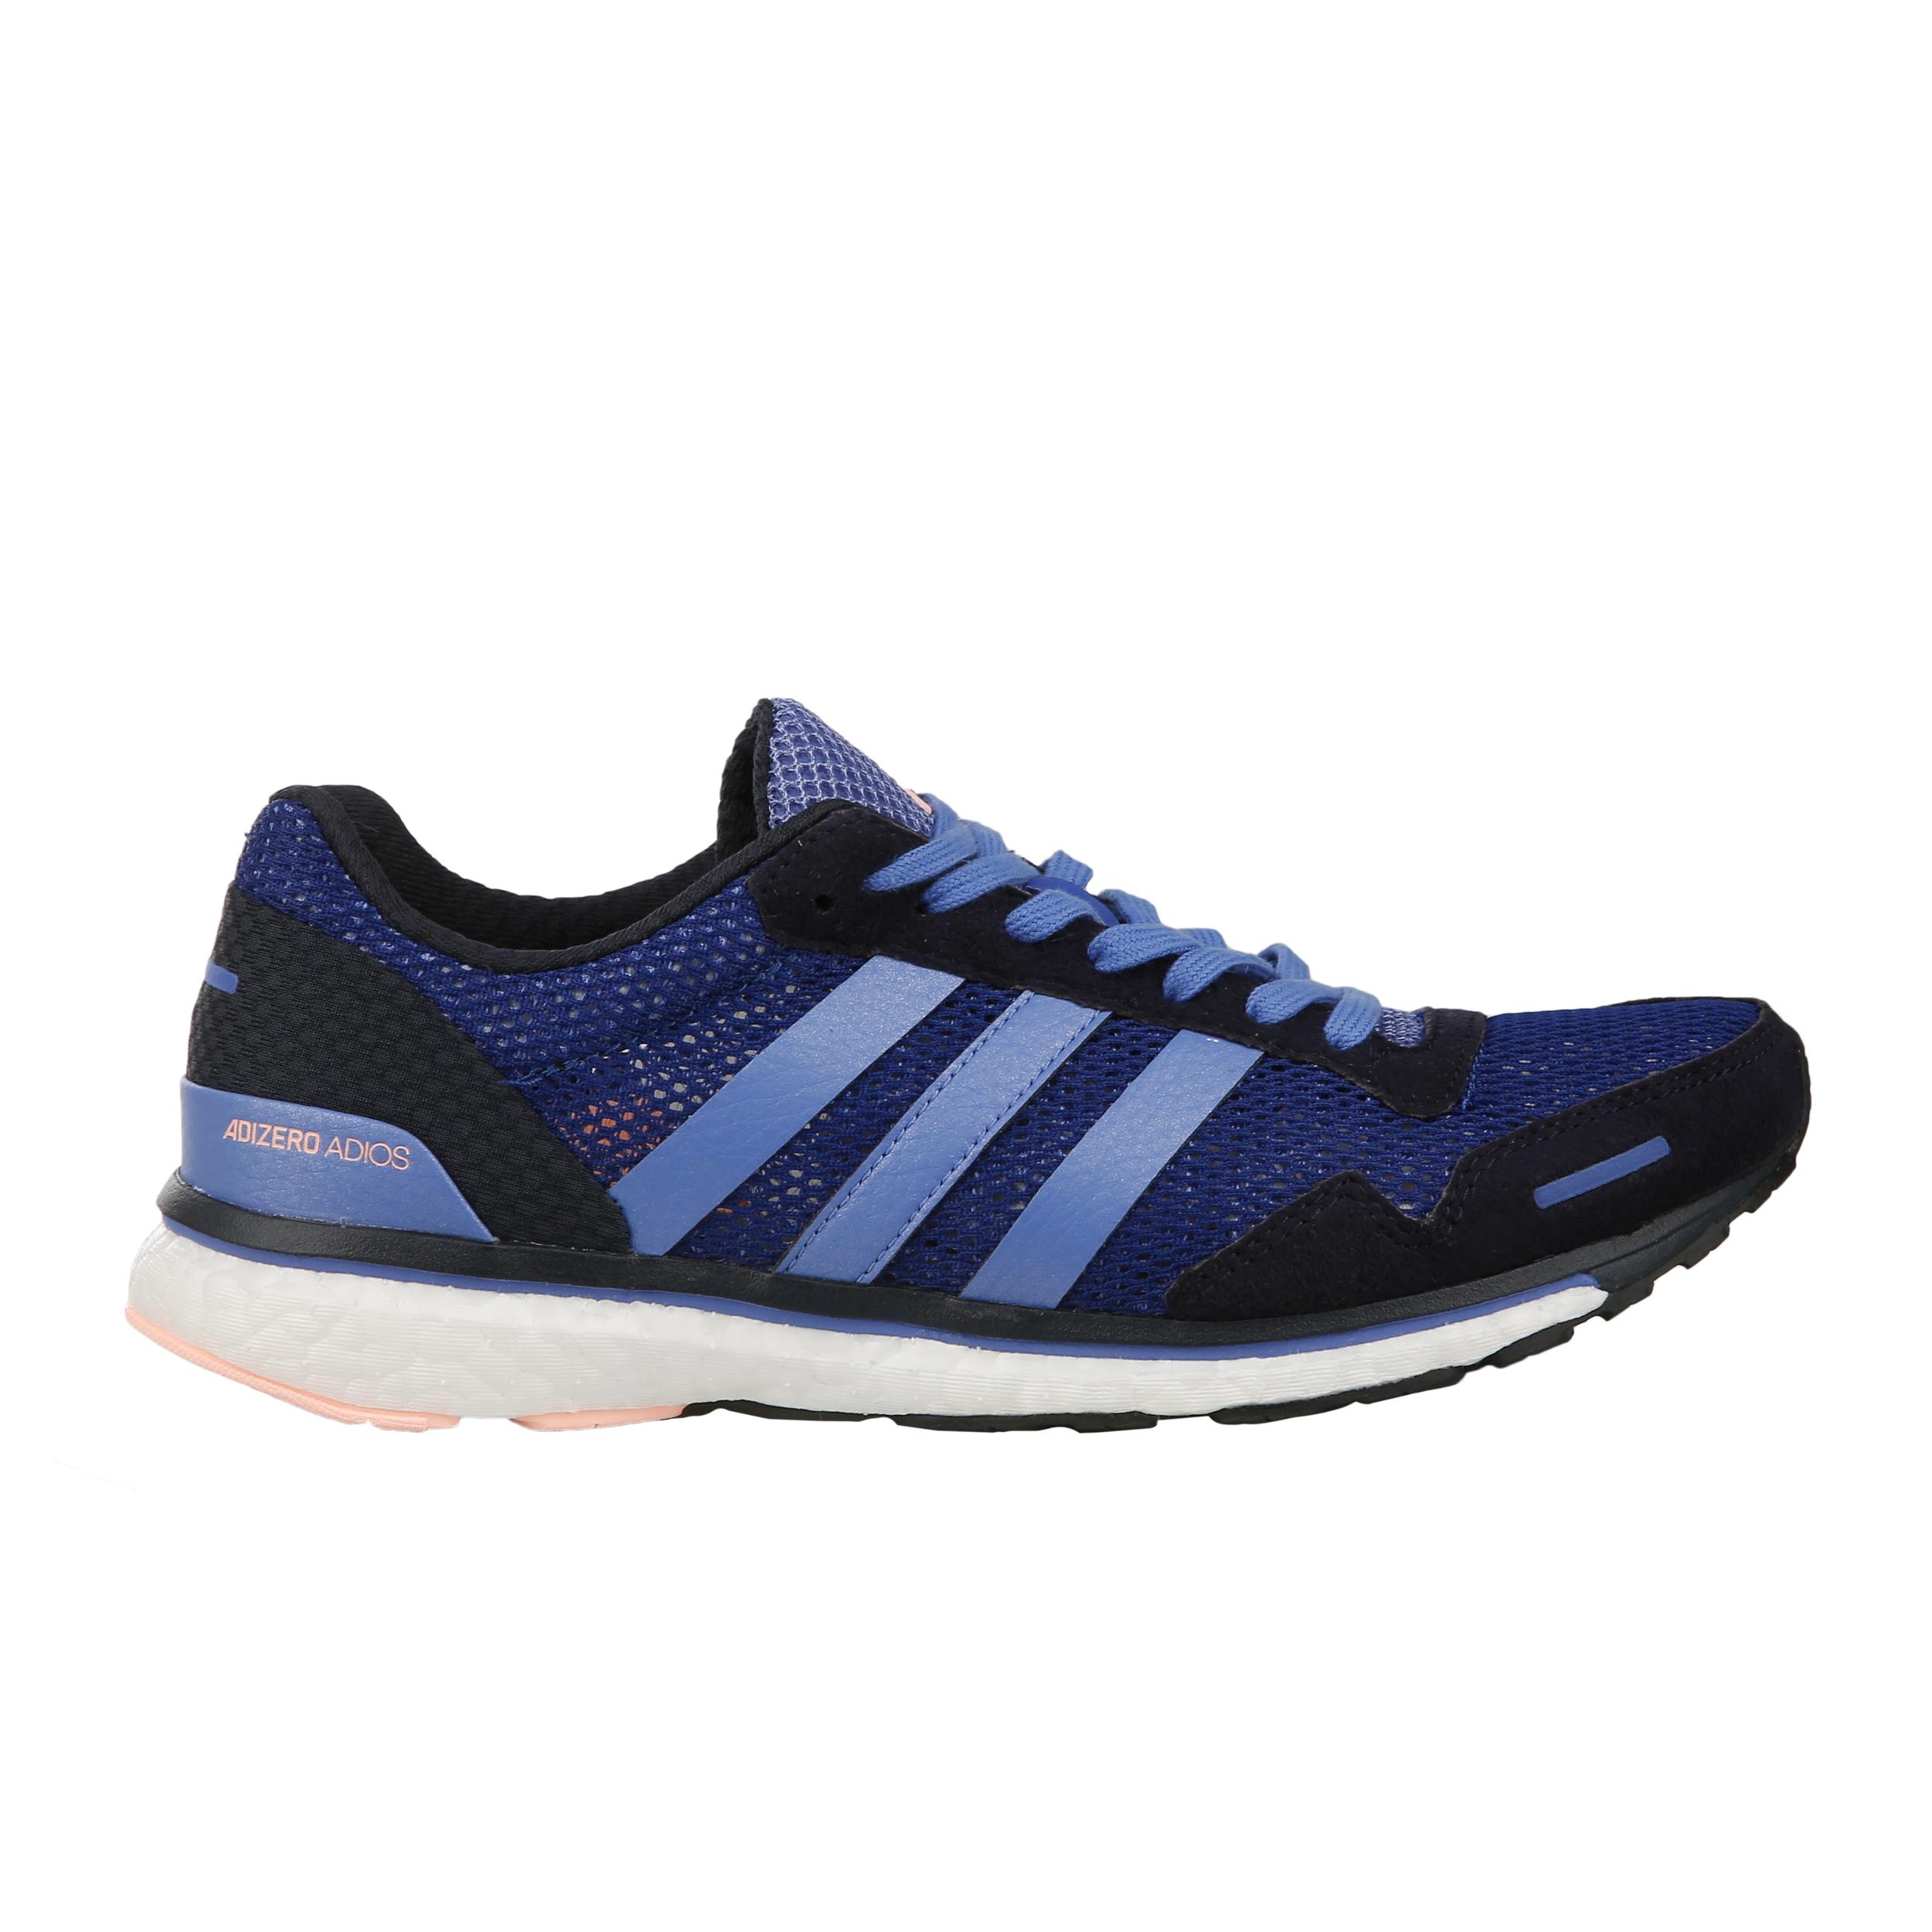 Adidas Damen Adizero 3 Dunkelblau Laufschuhe Adios